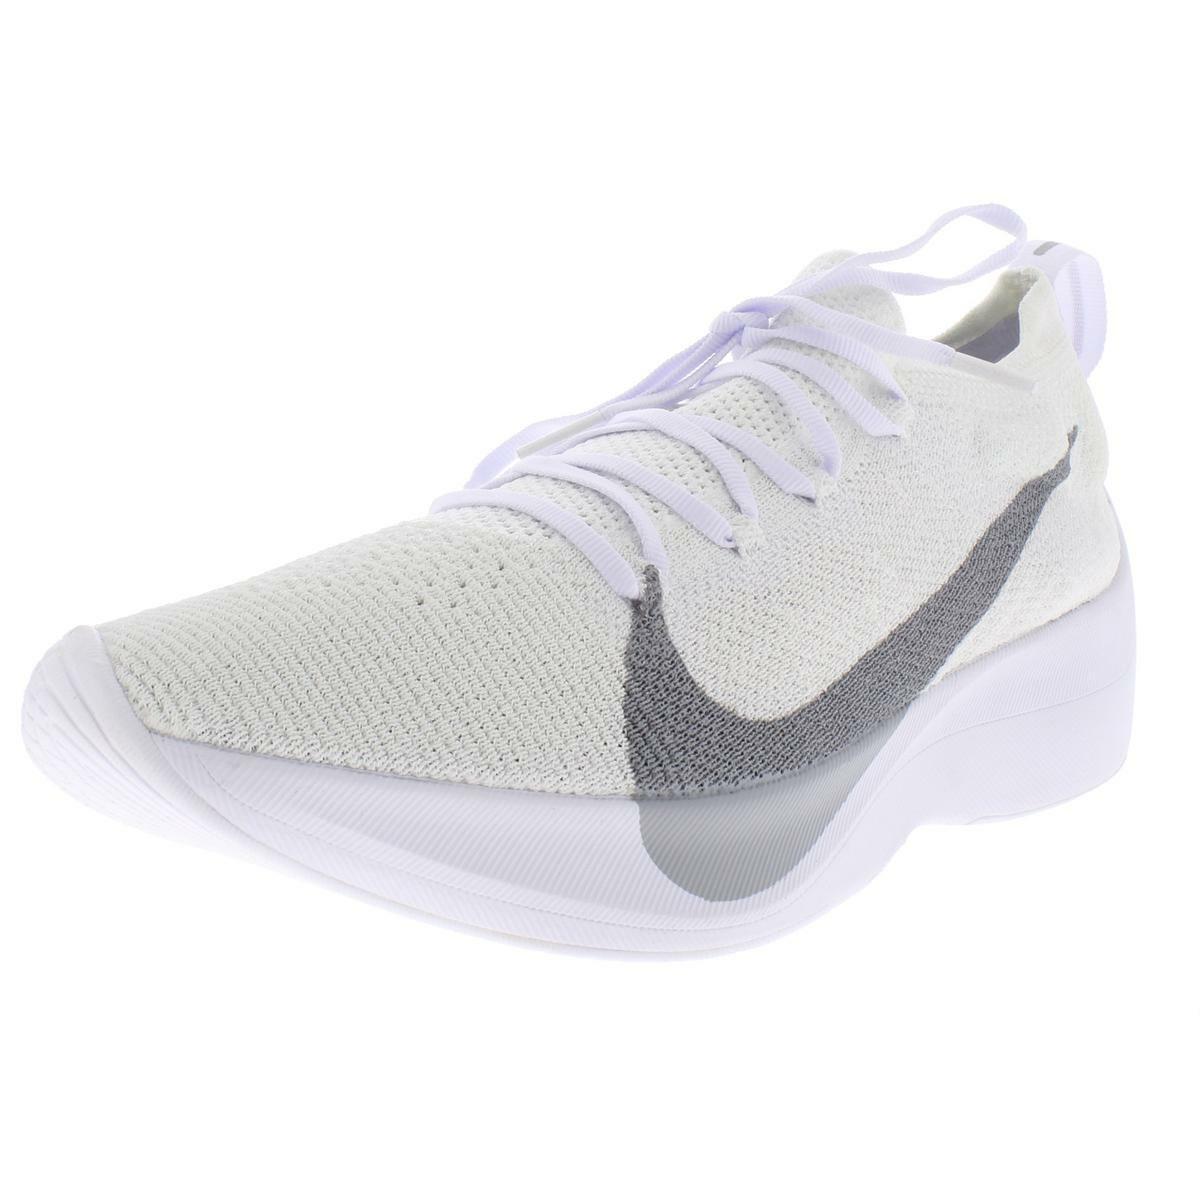 Nike Street 2649 BHFO Baskets Sport De Chaussures Running